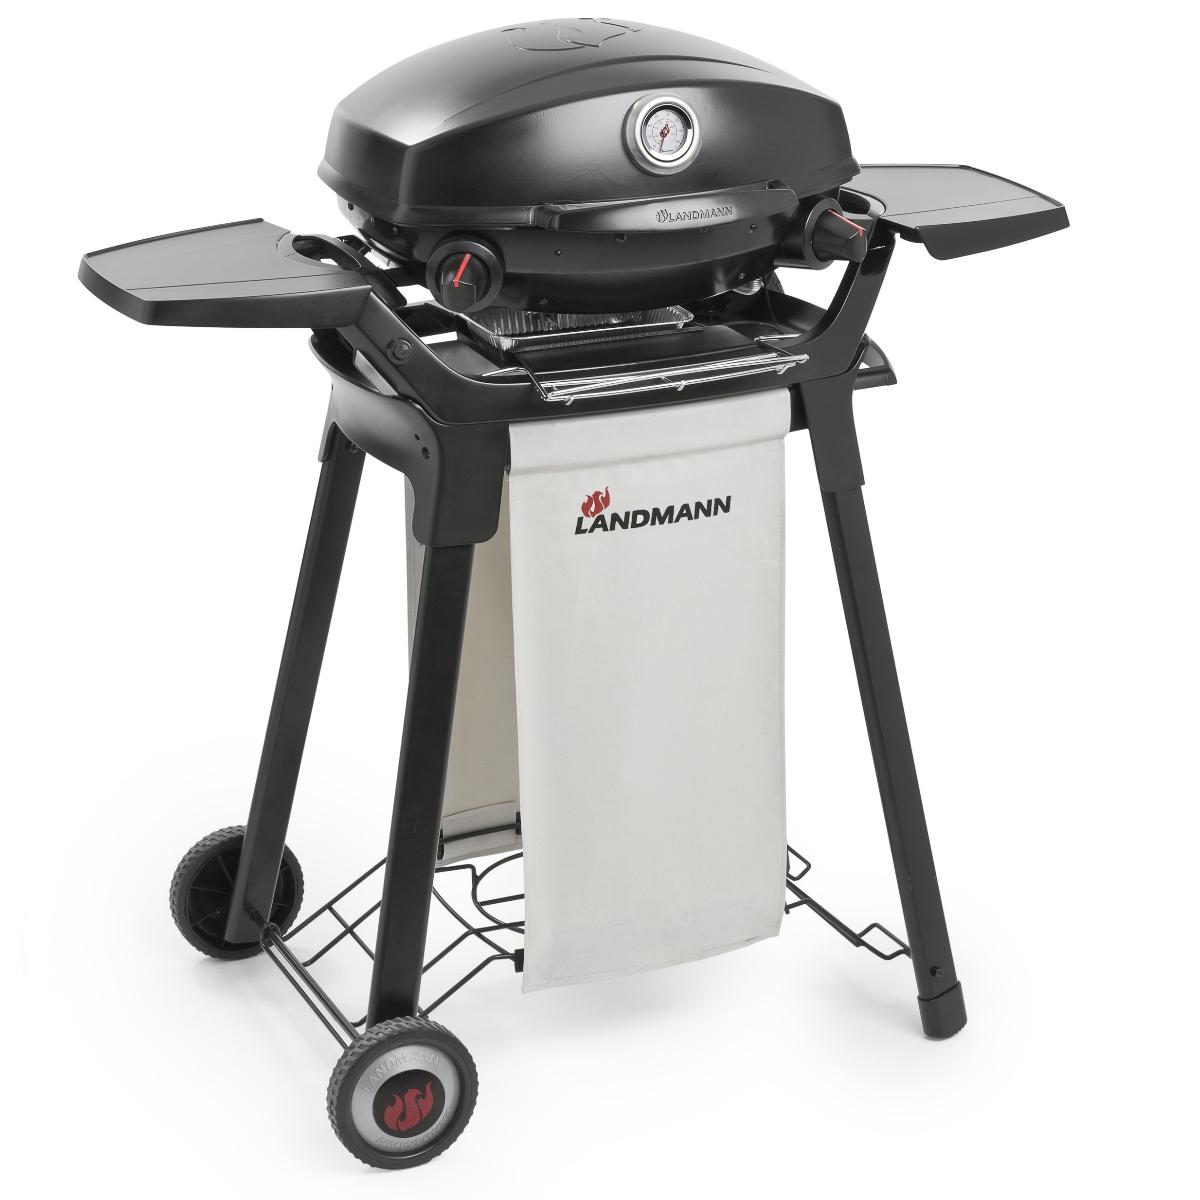 landmann 12071 pantera gas barbecue 2 burner bbq cooking. Black Bedroom Furniture Sets. Home Design Ideas